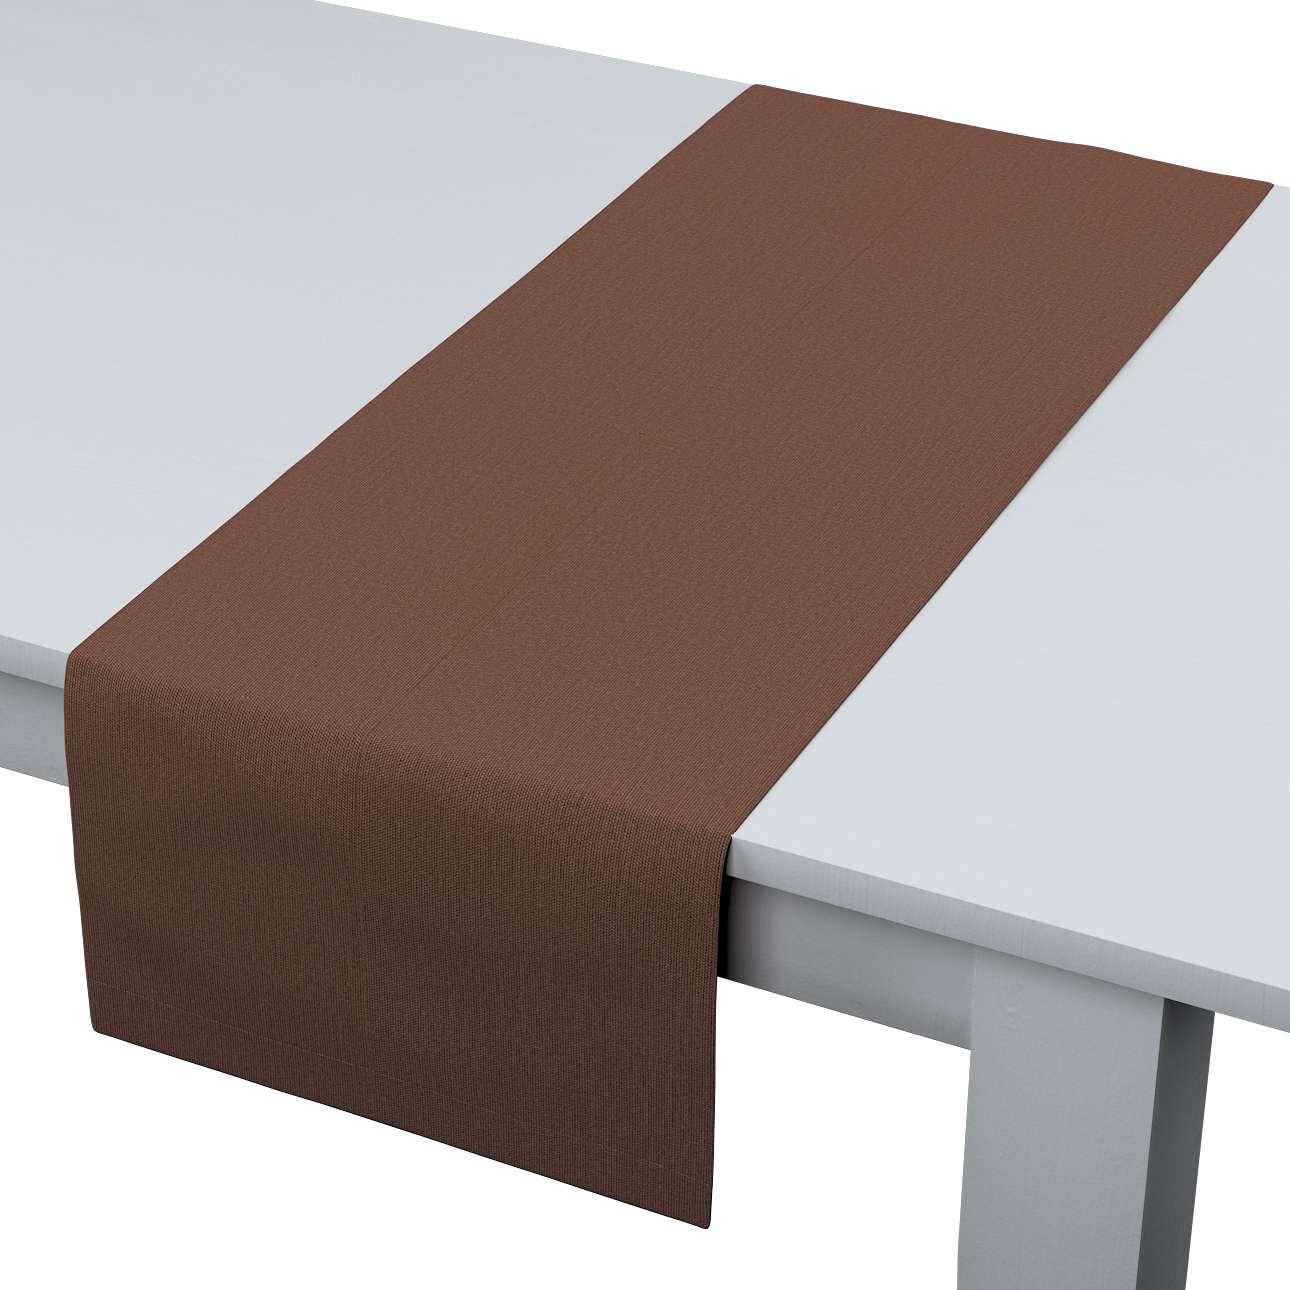 Rechteckiger Tischläufer 40 x 130 cm von der Kollektion Loneta, Stoff: 133-09